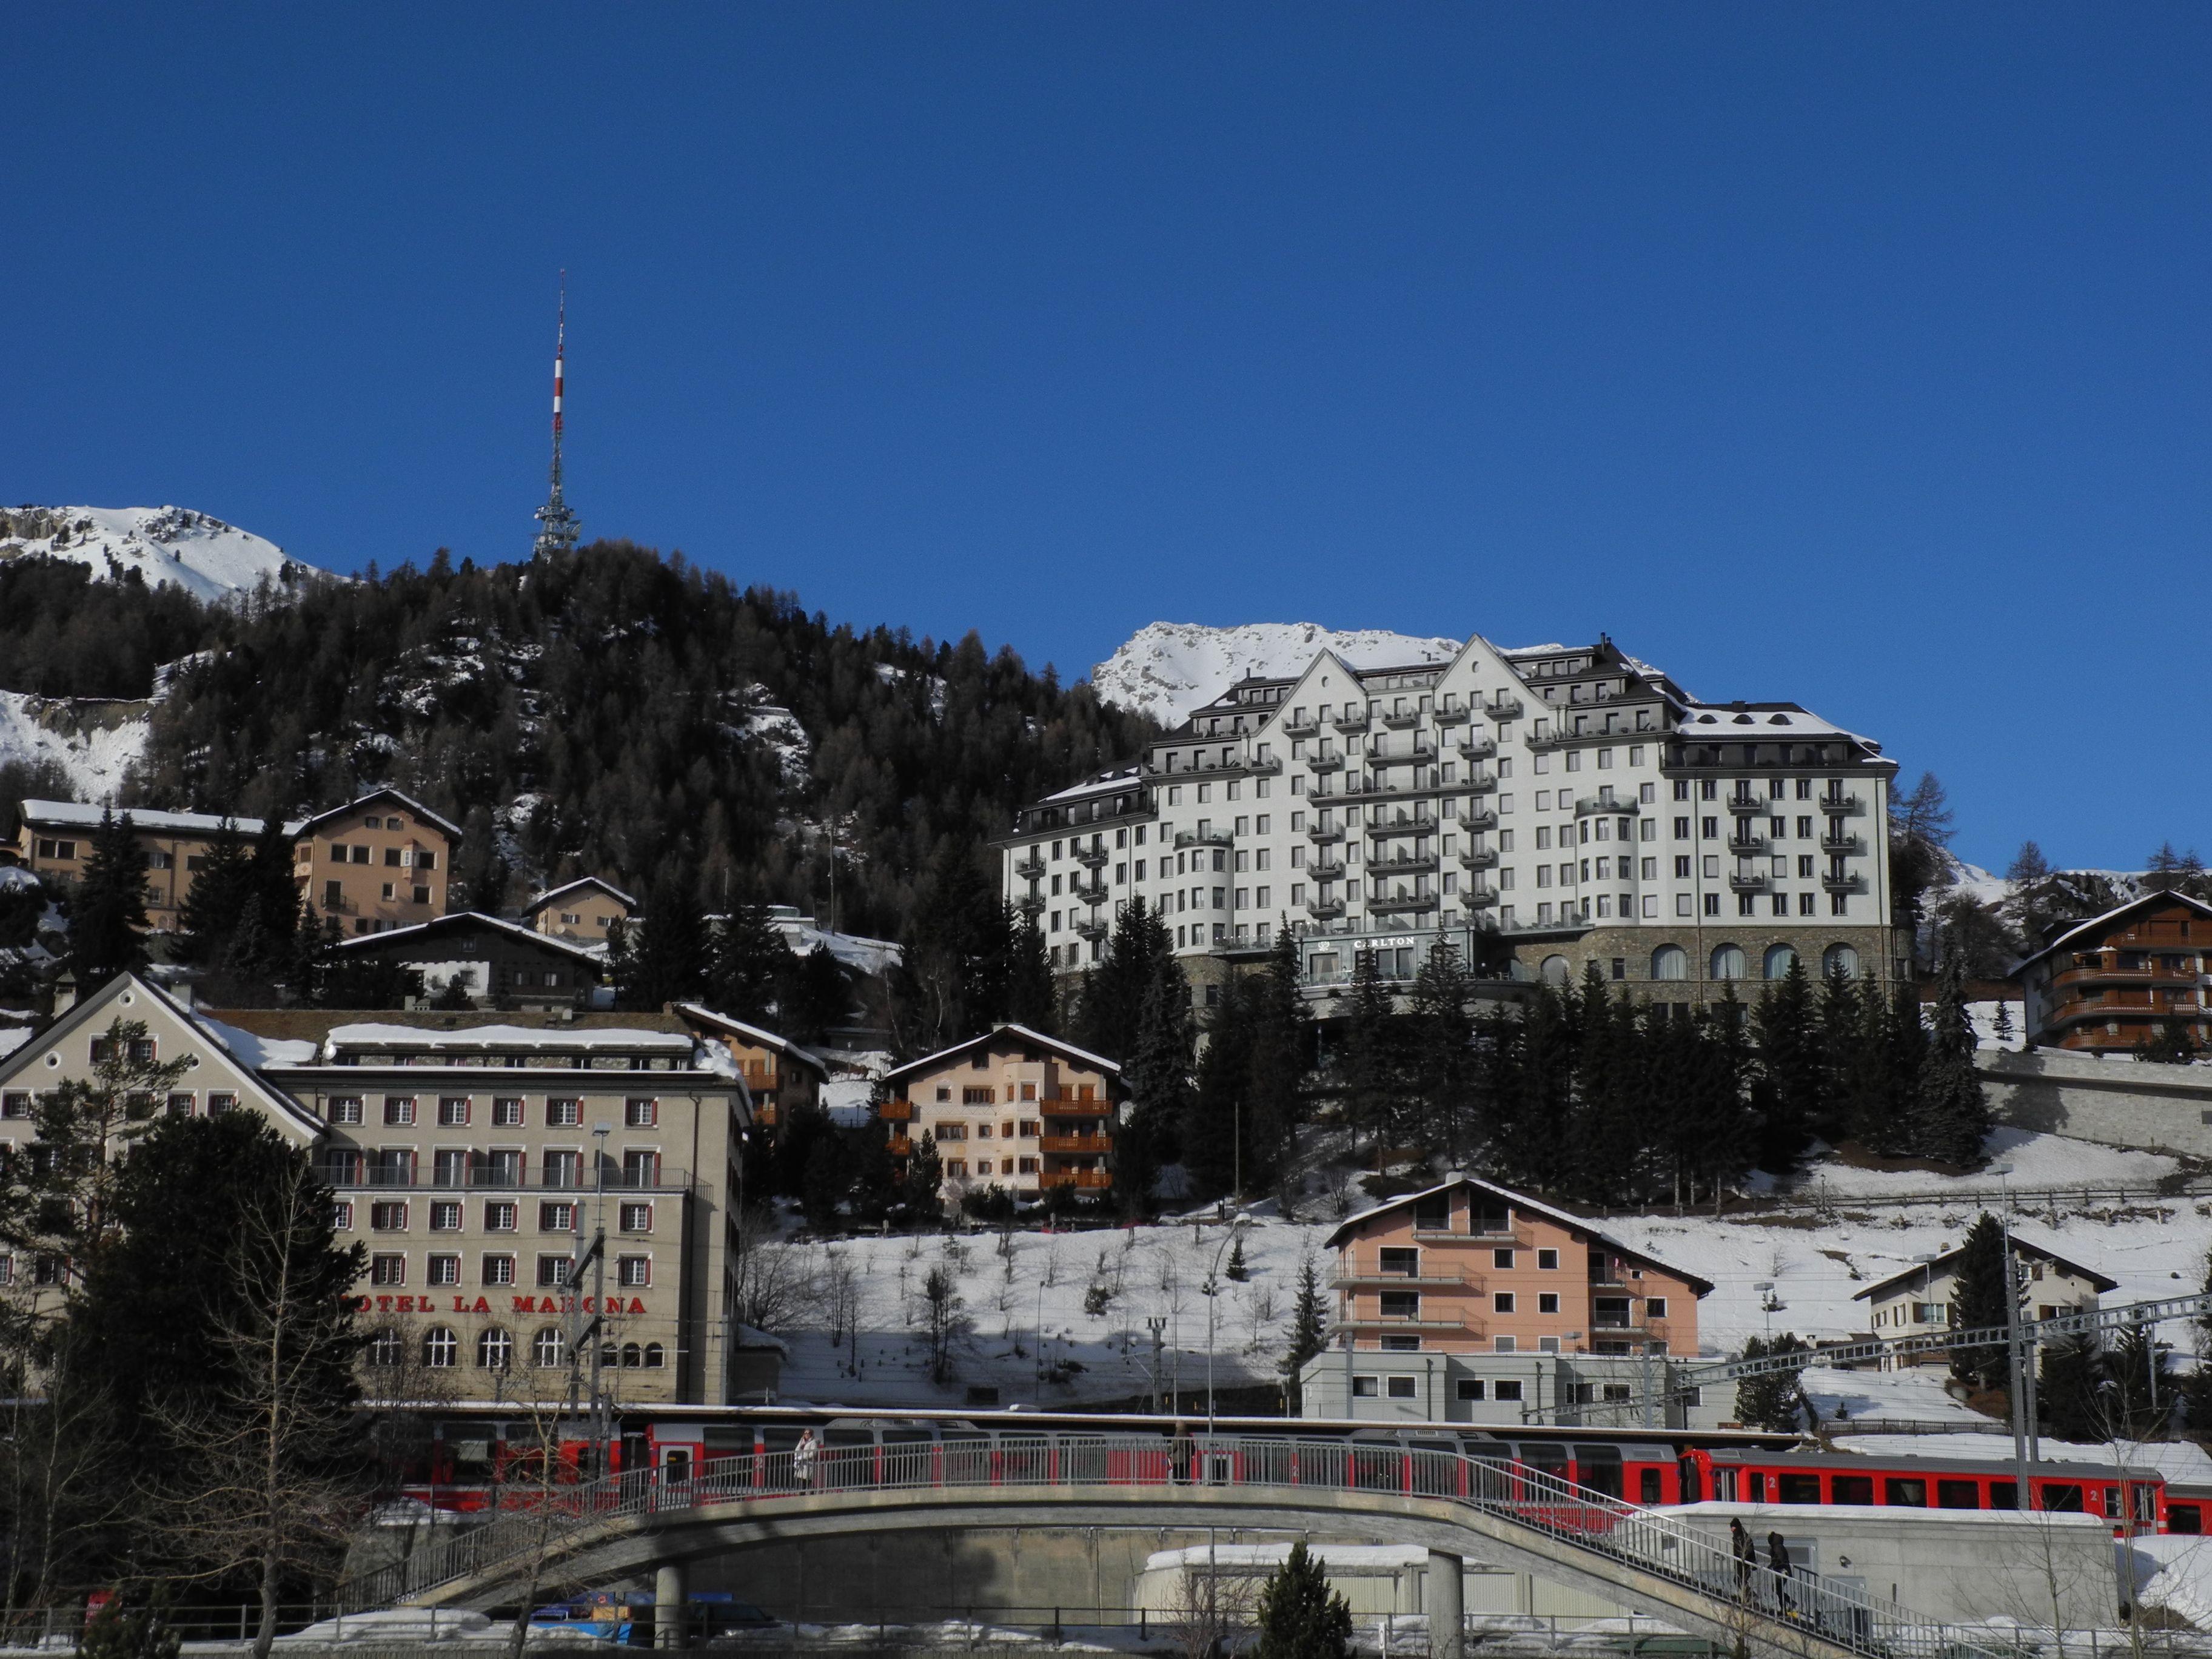 Hotels St Moritz Schweiz